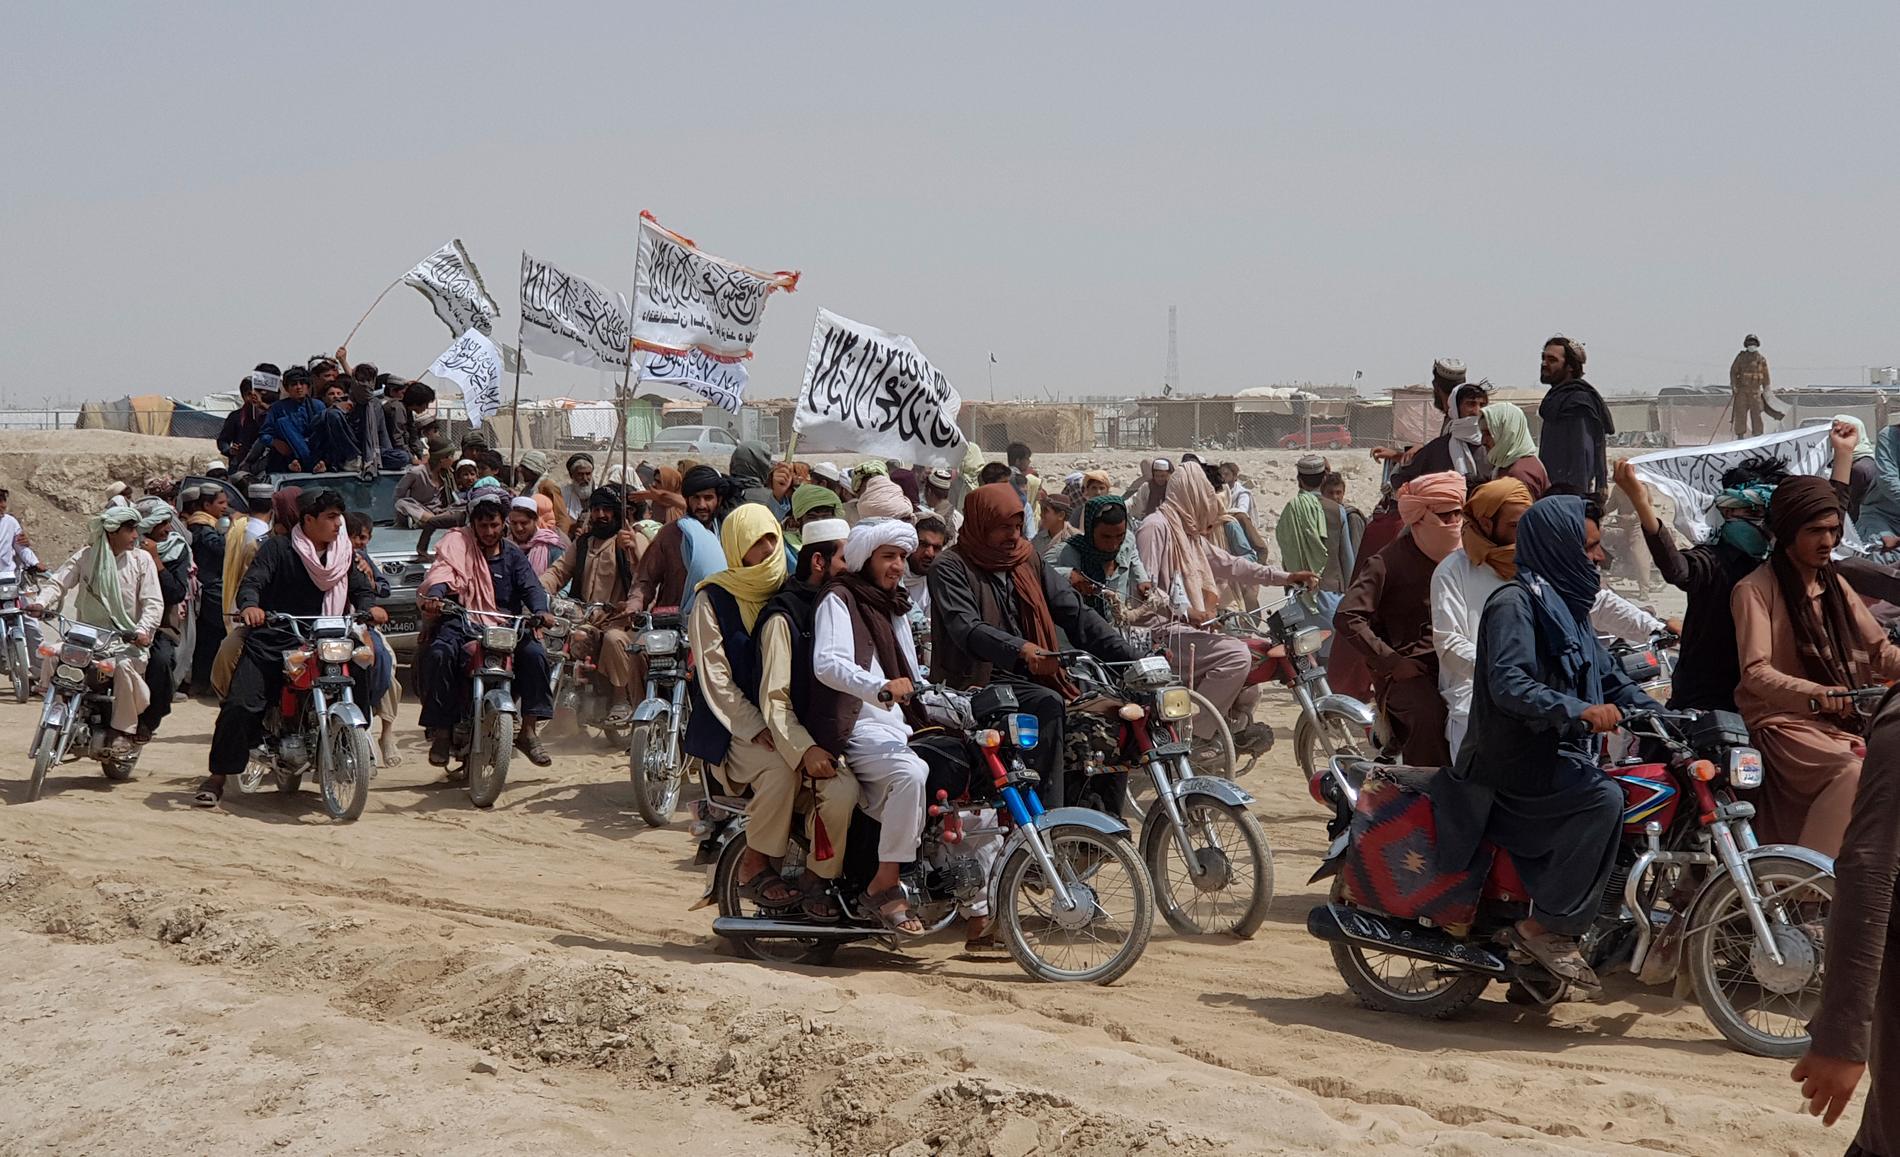 Talibananhängare bär rörelsens vita flagga vid gränsområdet mellan Afghanistan och Pakistan den 14 juli i år. Talibanerna, som uppskattas ha ett stöd på cirka 15 procent bland den afghanska befolkningen, har under juli intagit flera viktiga gränsövergångar i de upptrappade striderna.